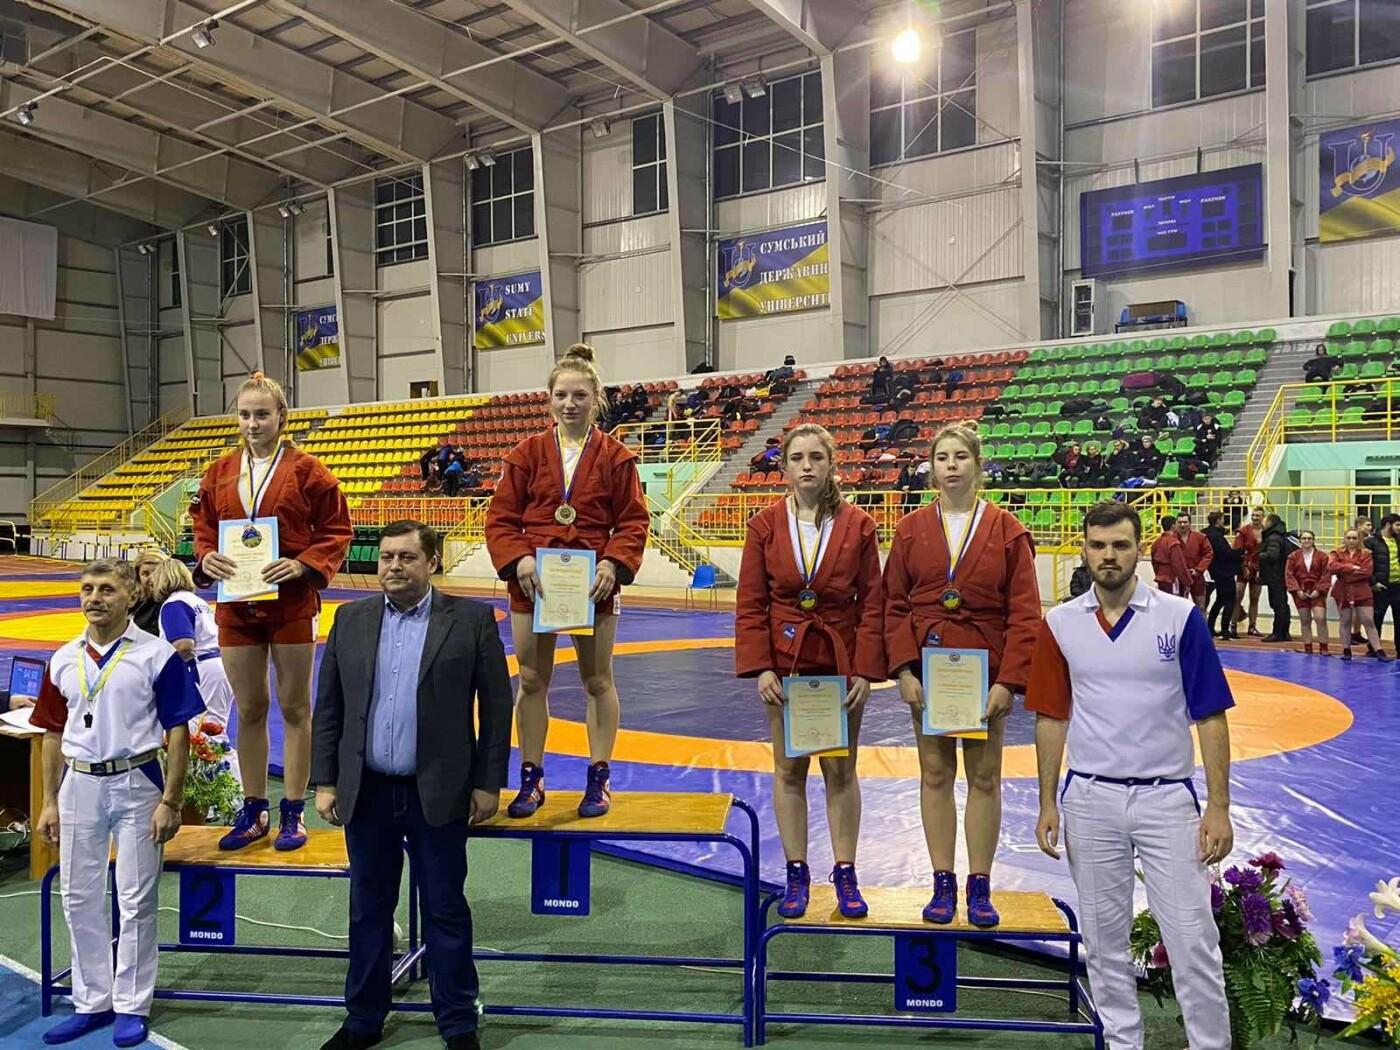 Юные криворожские спортсмены привезли с Чемпионата Украины 5 медалей, - ФОТО , фото-1